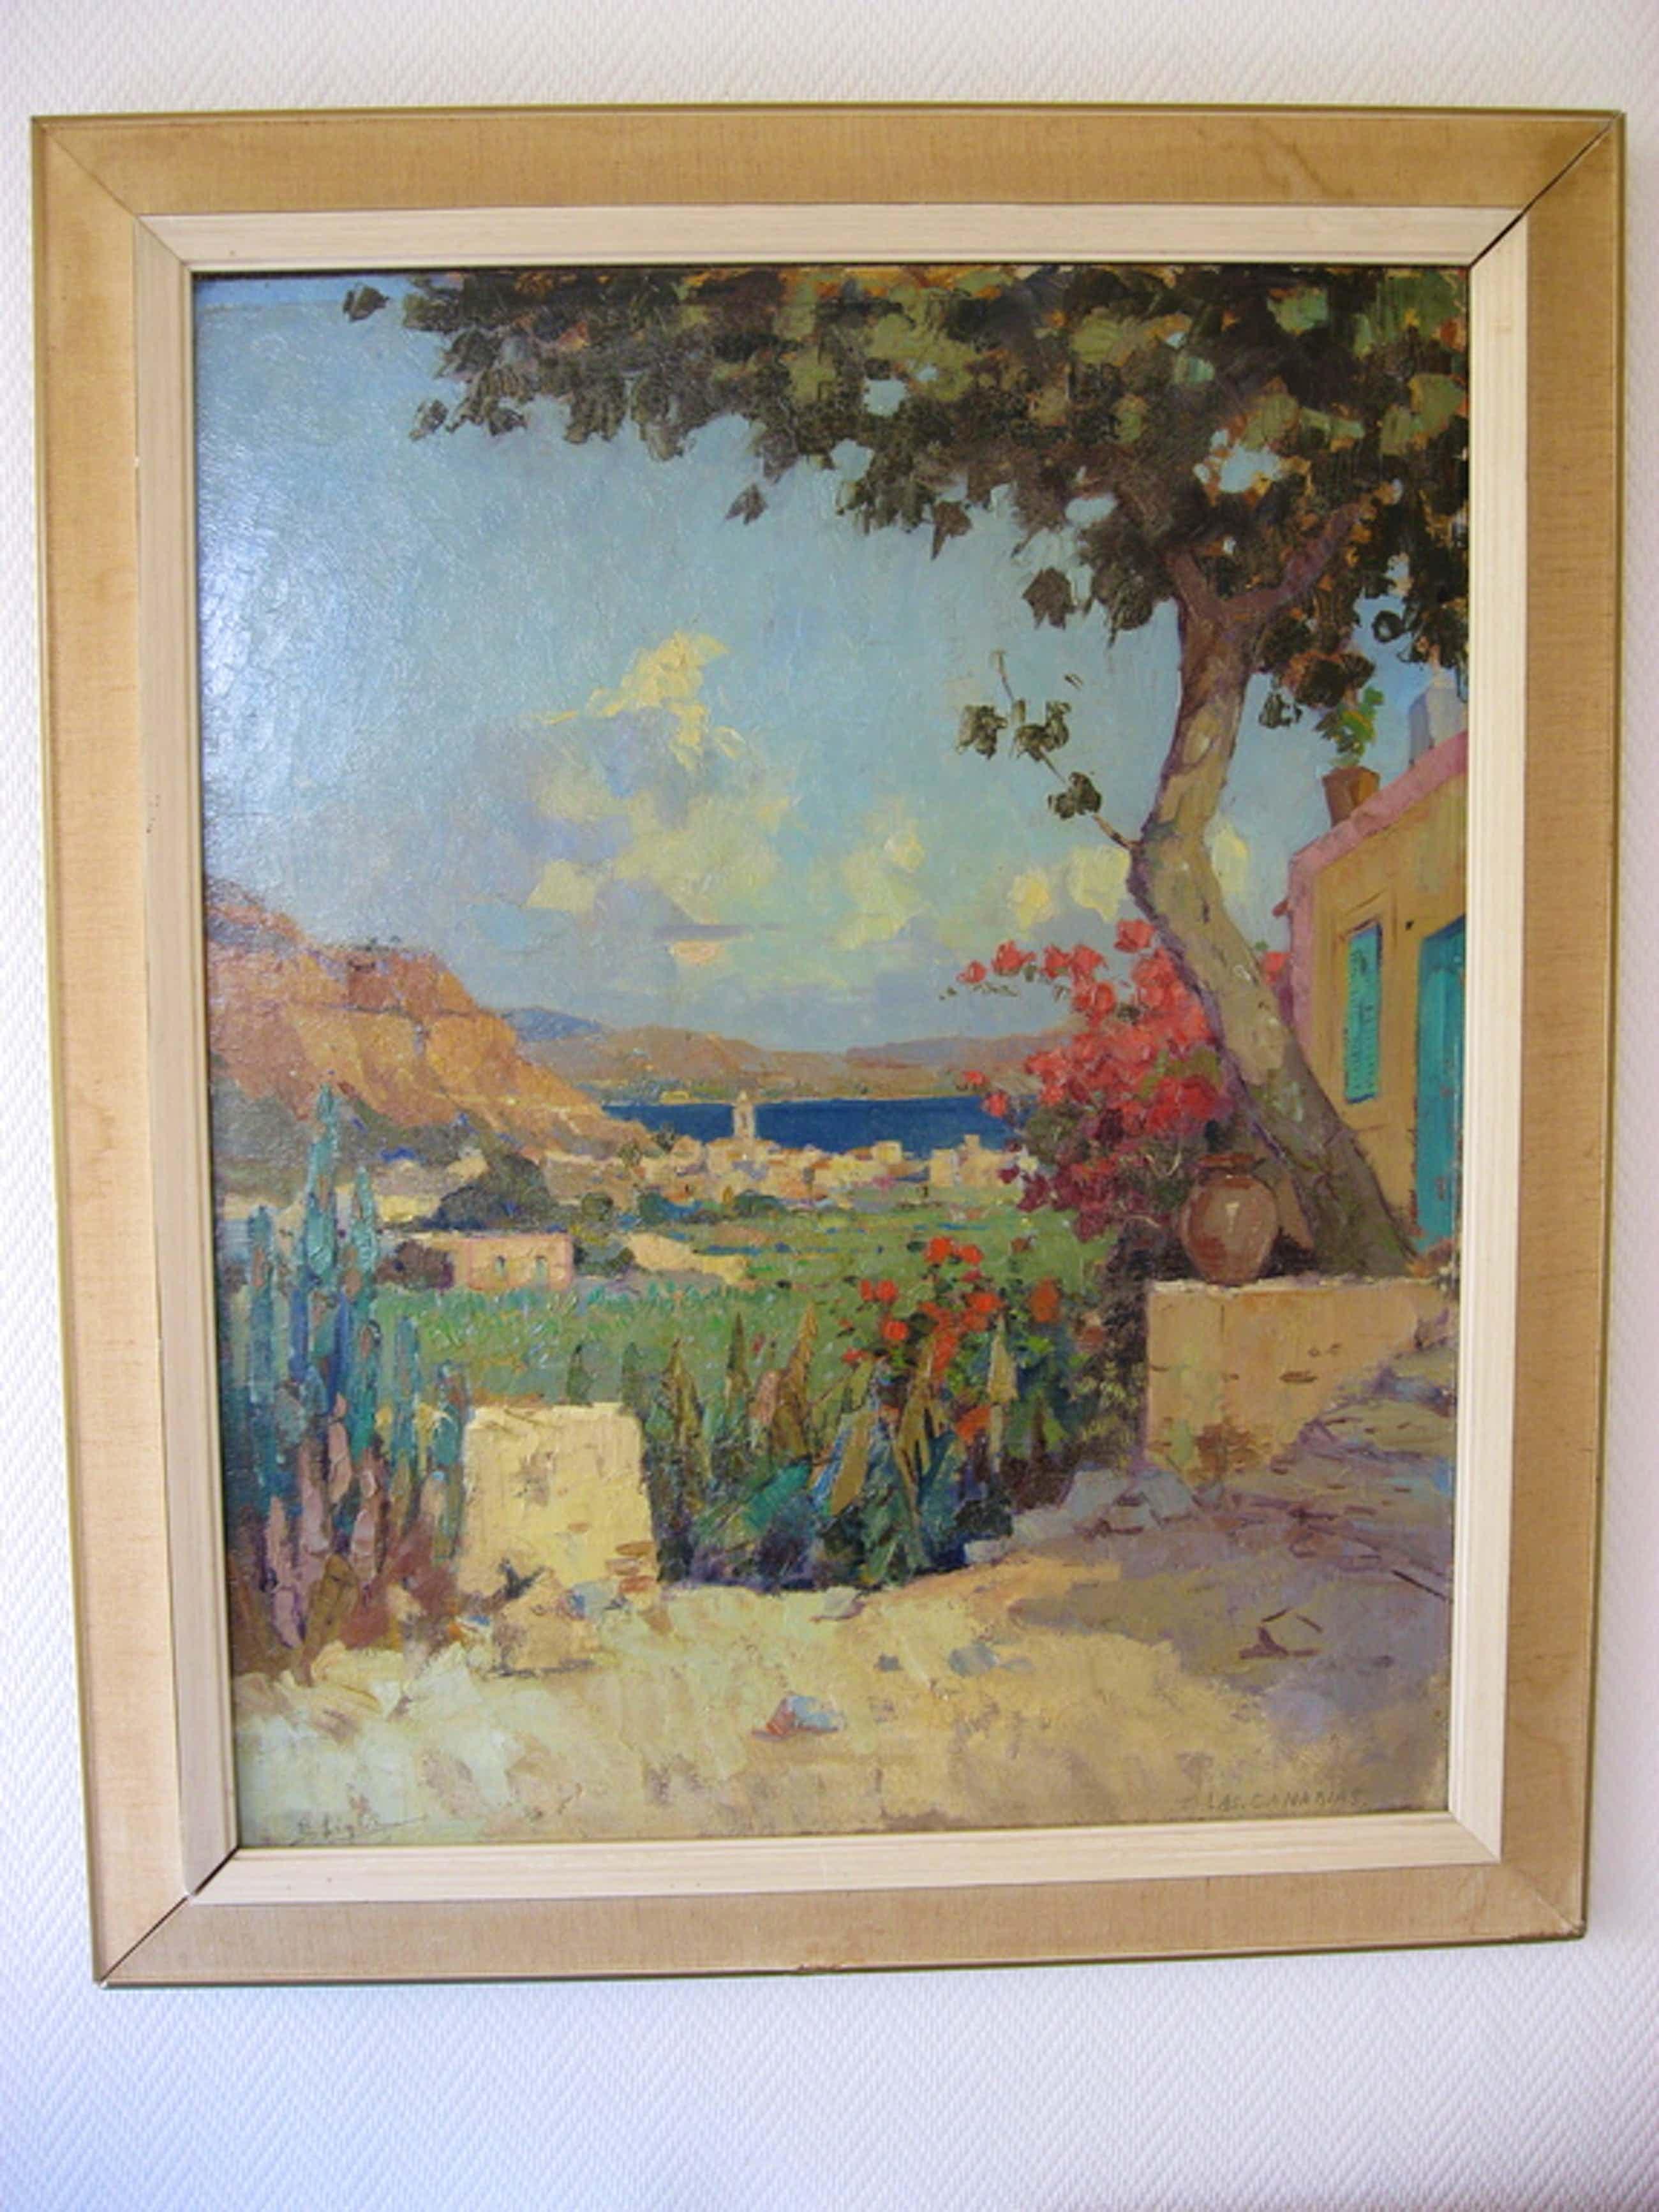 LAS CANARIAS, olieverfschilderij van Evert-Jan Ligtelijn kopen? Bied vanaf 175!